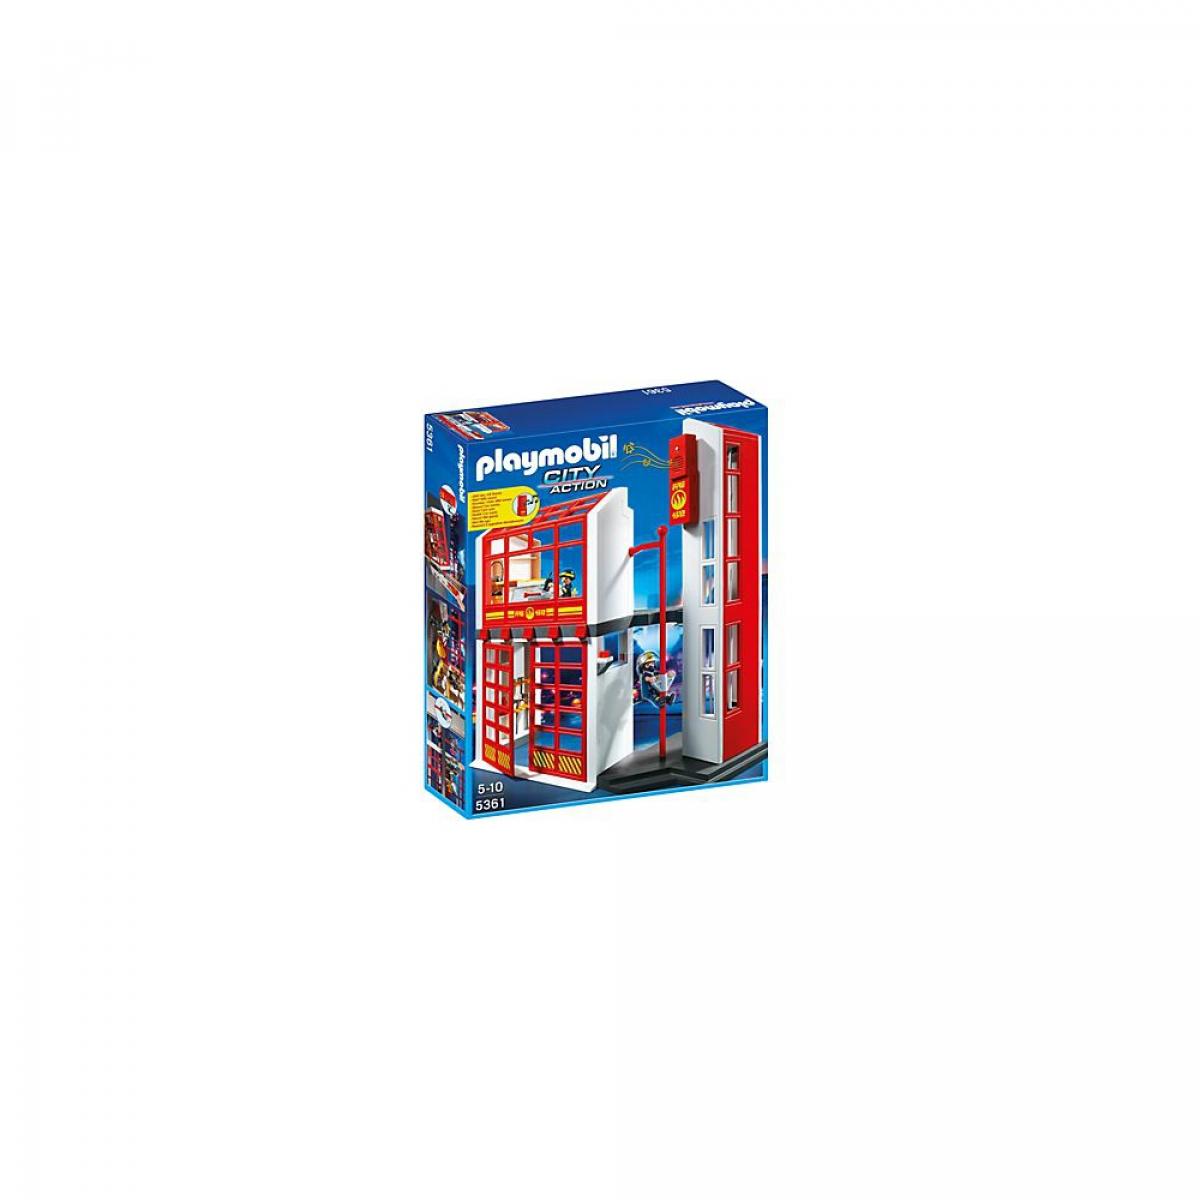 Schmalenbach Onlineshop Playmobil 5361 Feuerwehrstation Mit Alarm